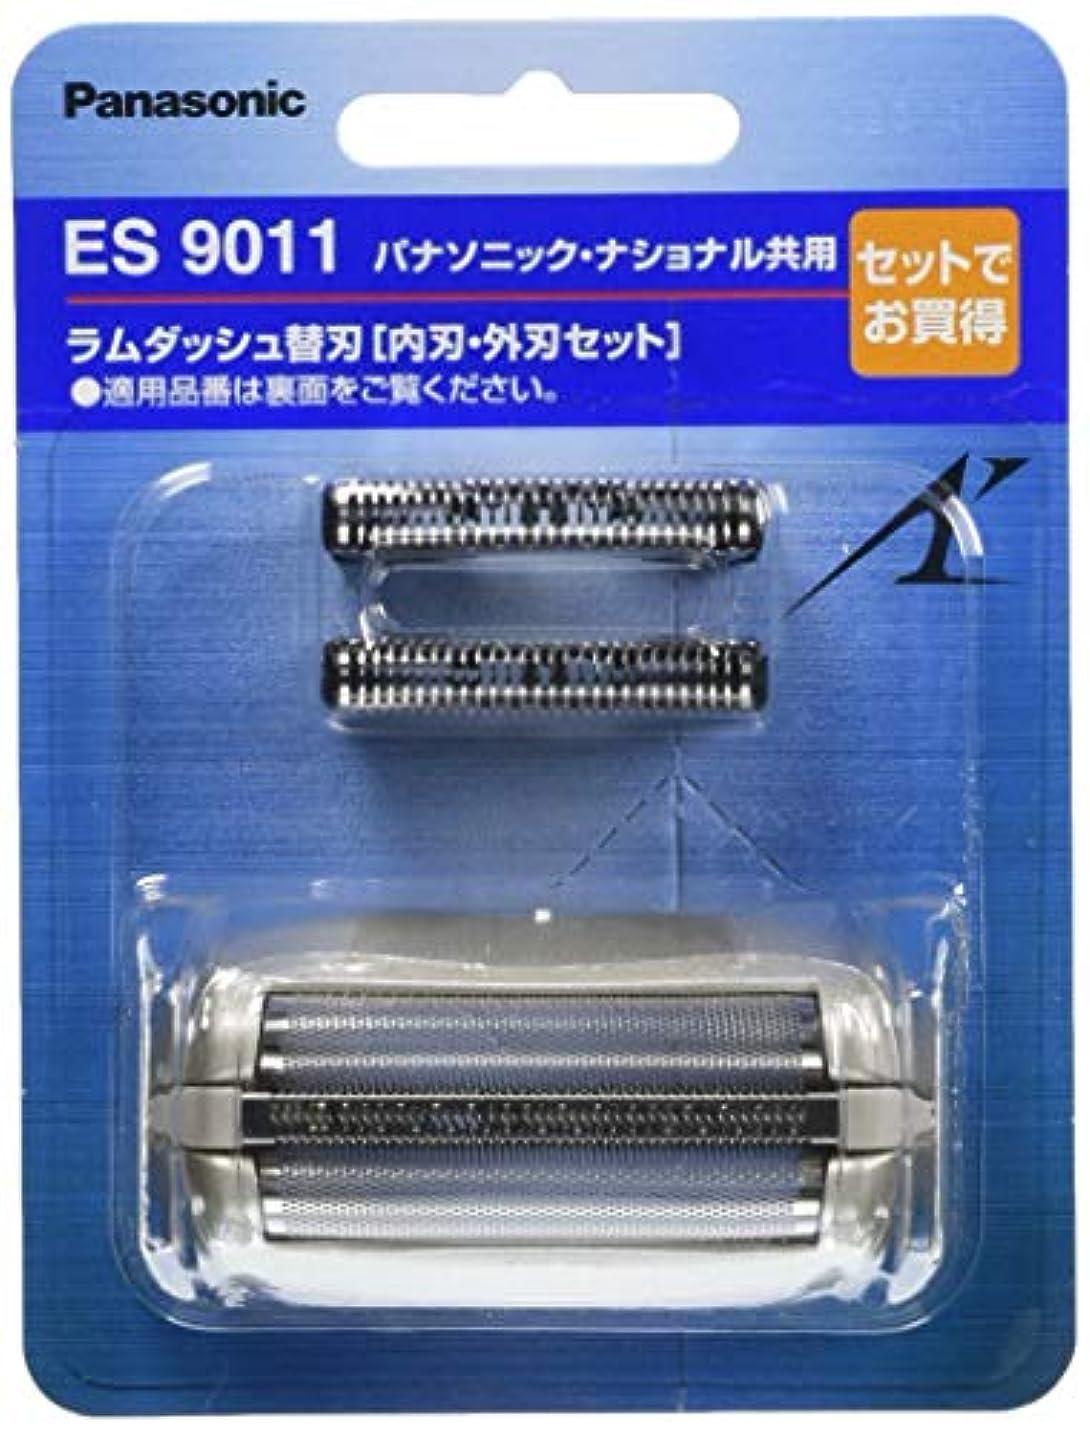 辛い原油推定パナソニック 替刃 メンズシェーバー用 セット刃 ES9011